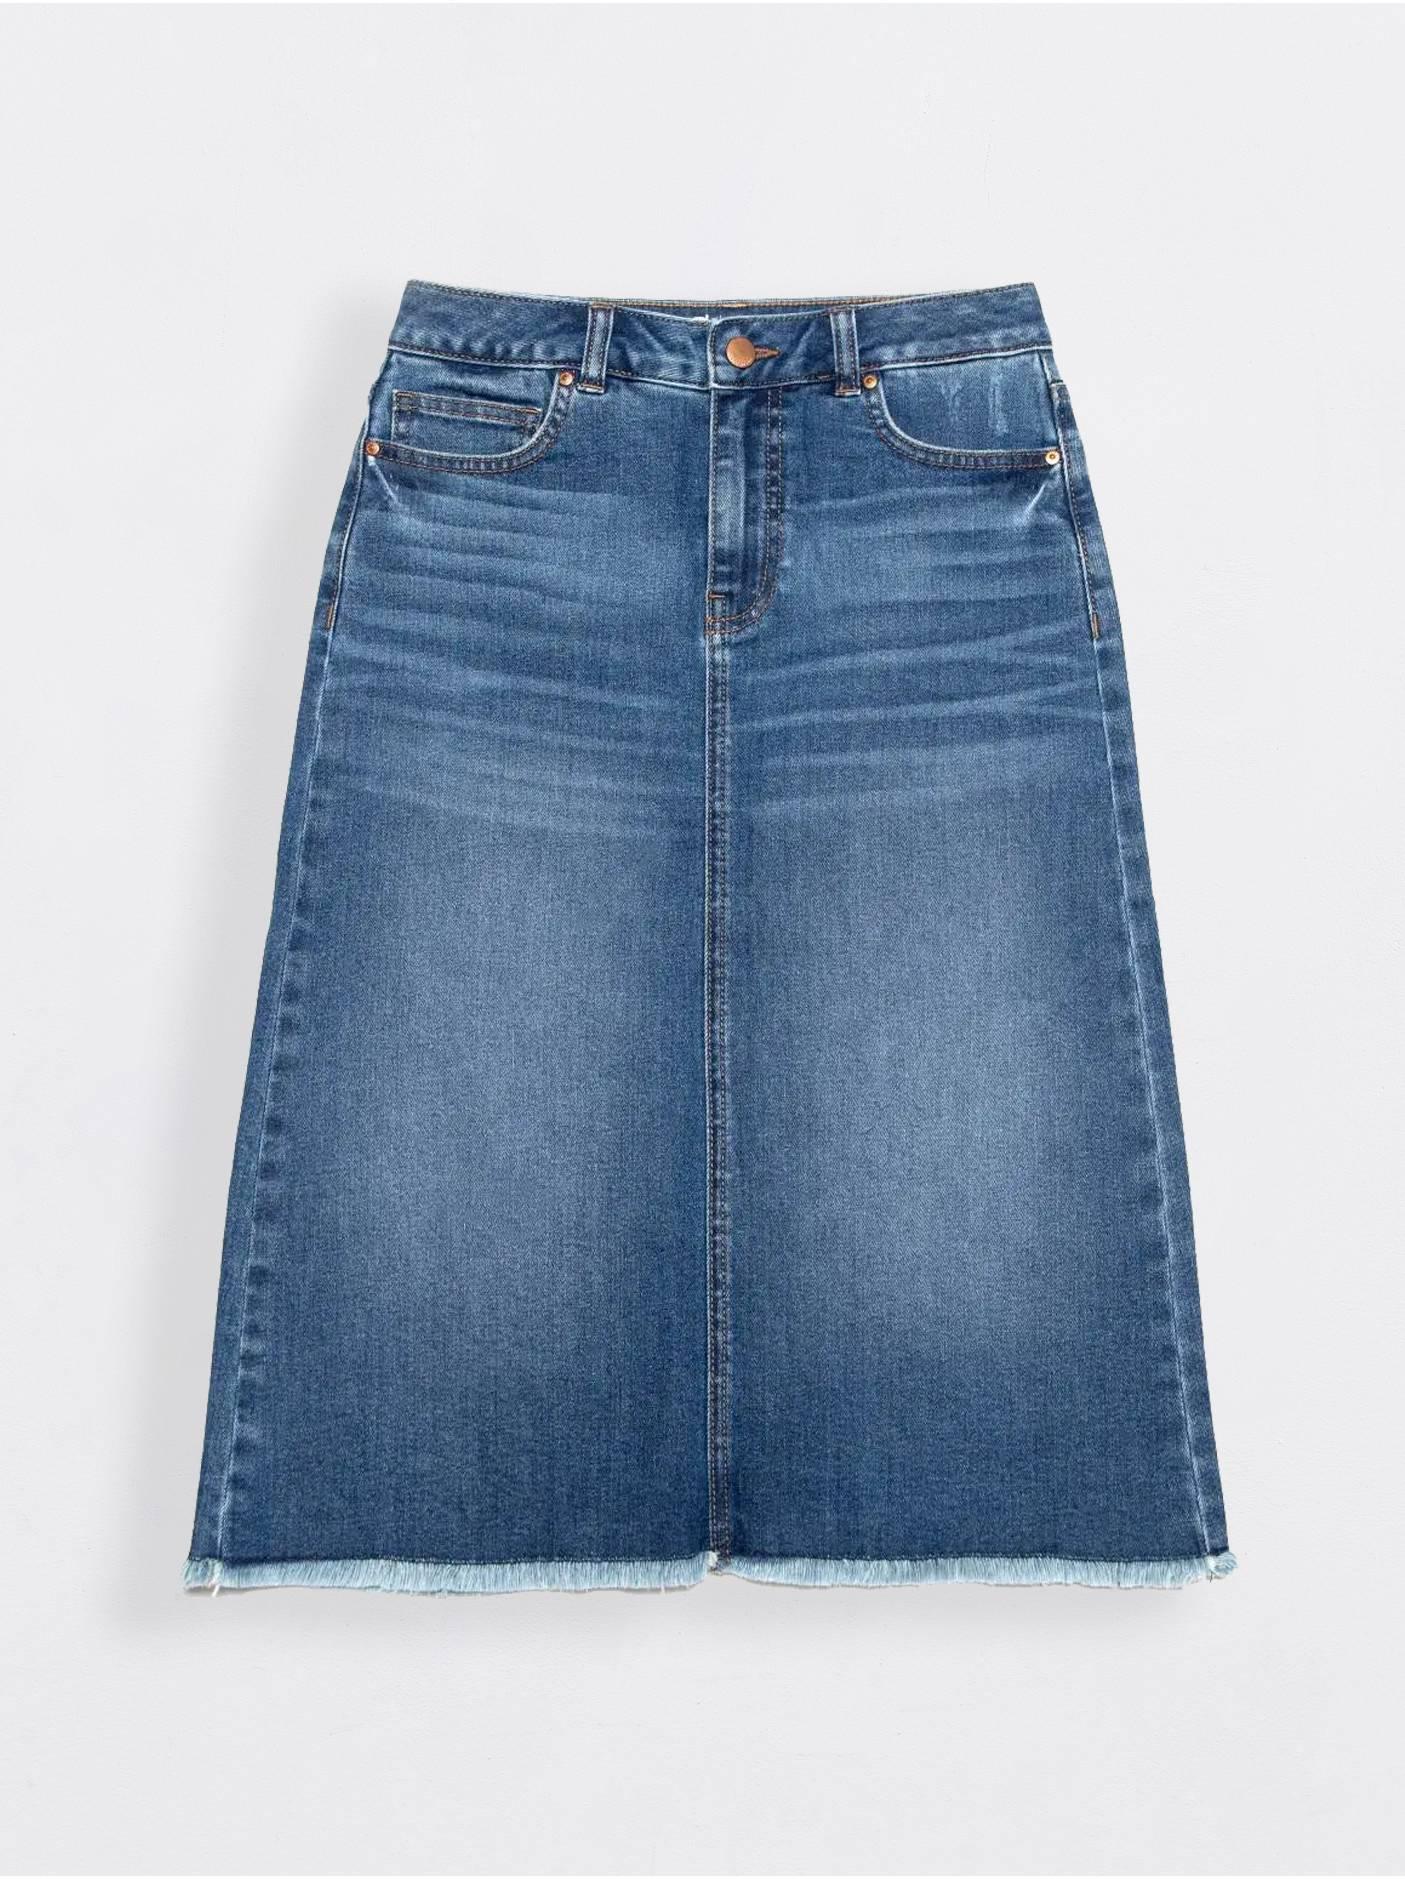 Юбка джинсовая женская Conte ⭐️